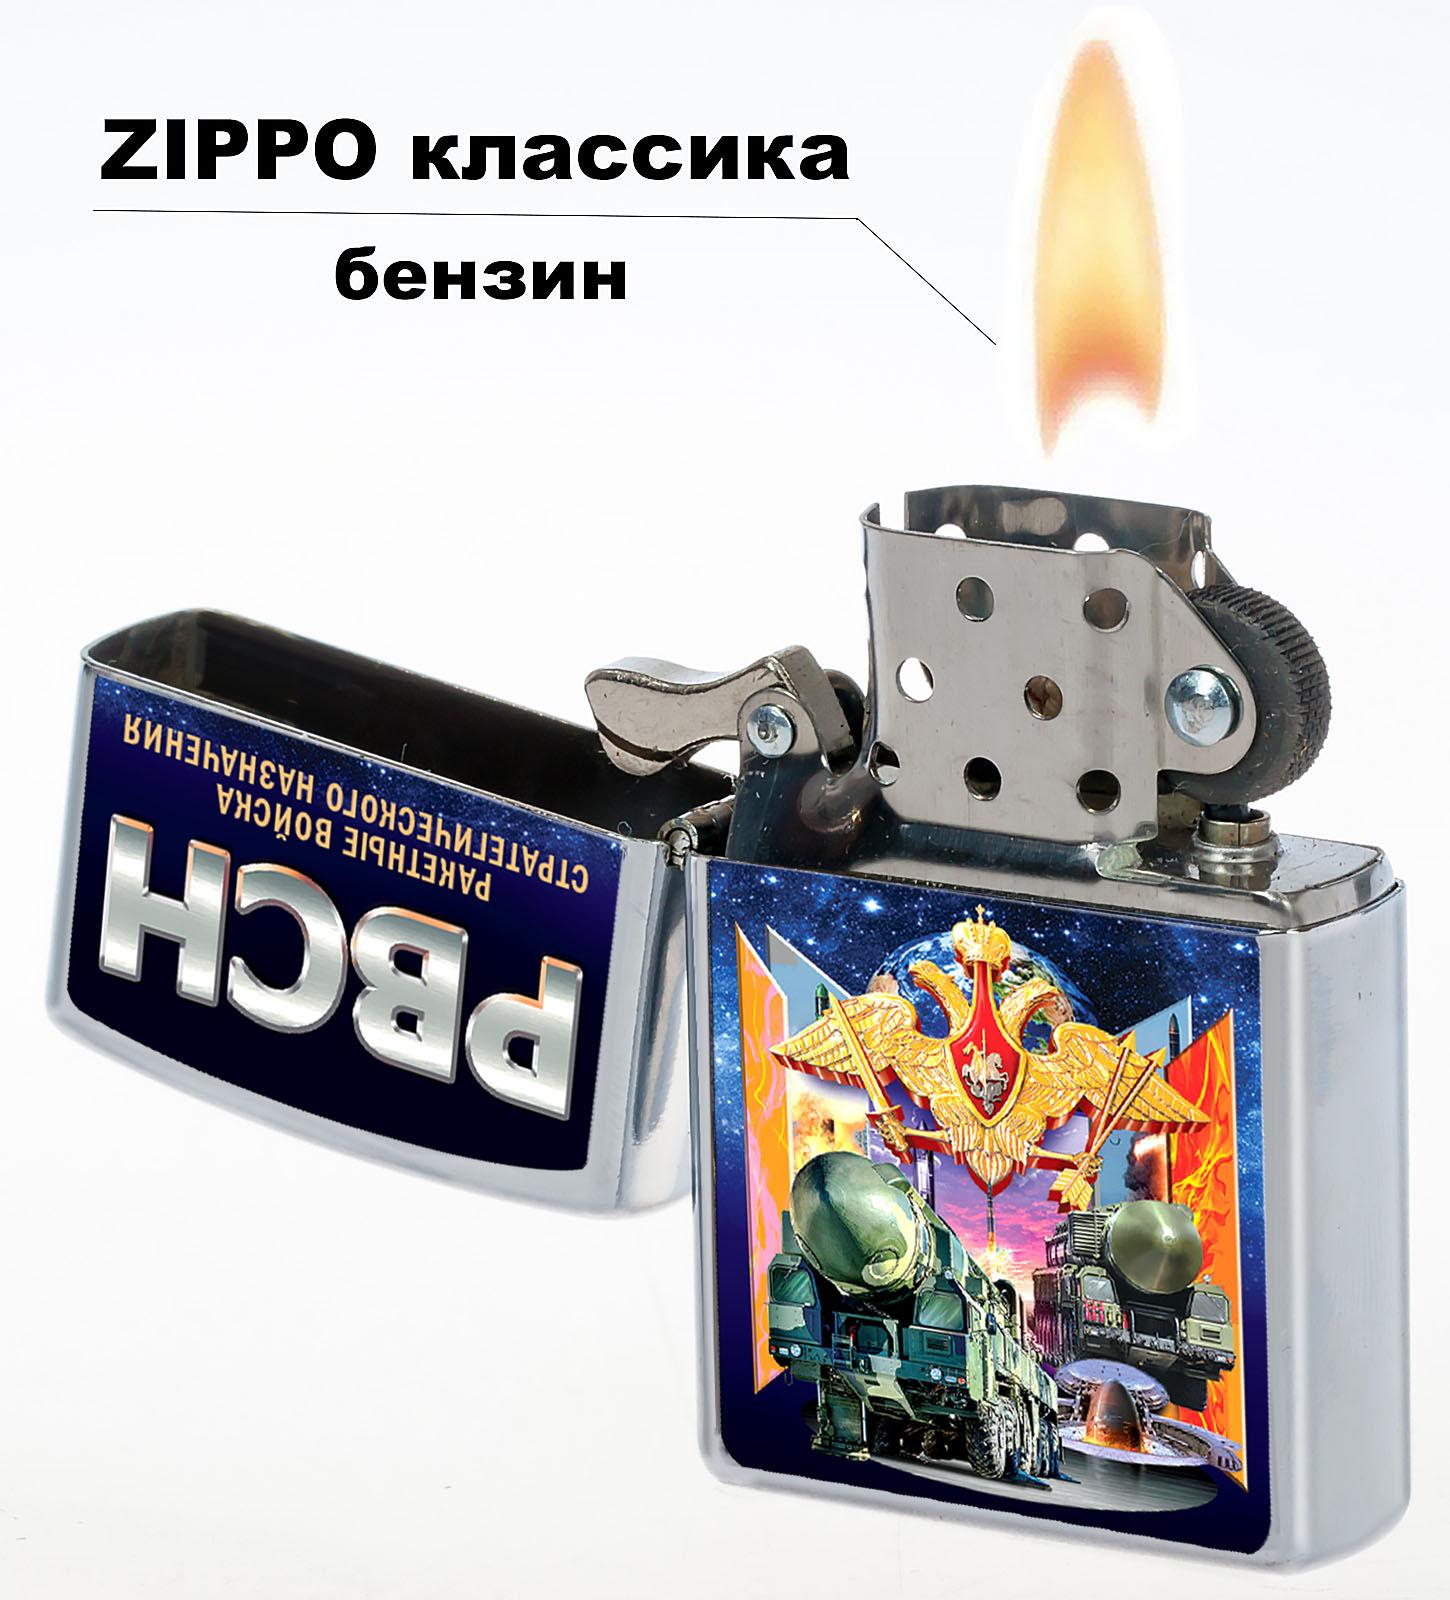 Зажигалка РВСН с удобной доставкой